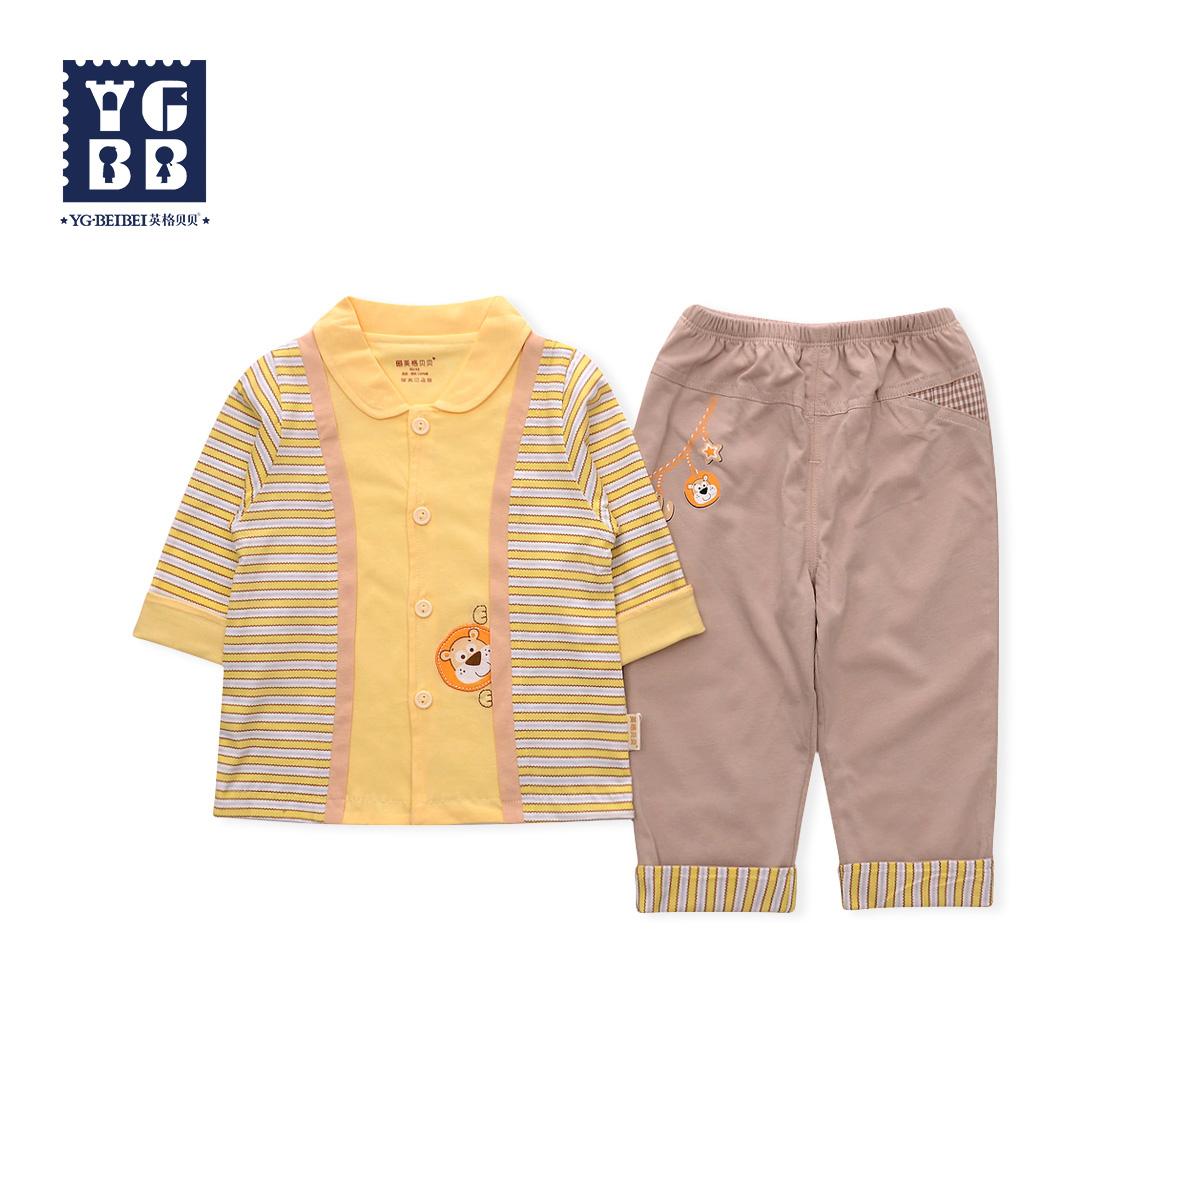 Одежда для младенцев Артикул 520013812763